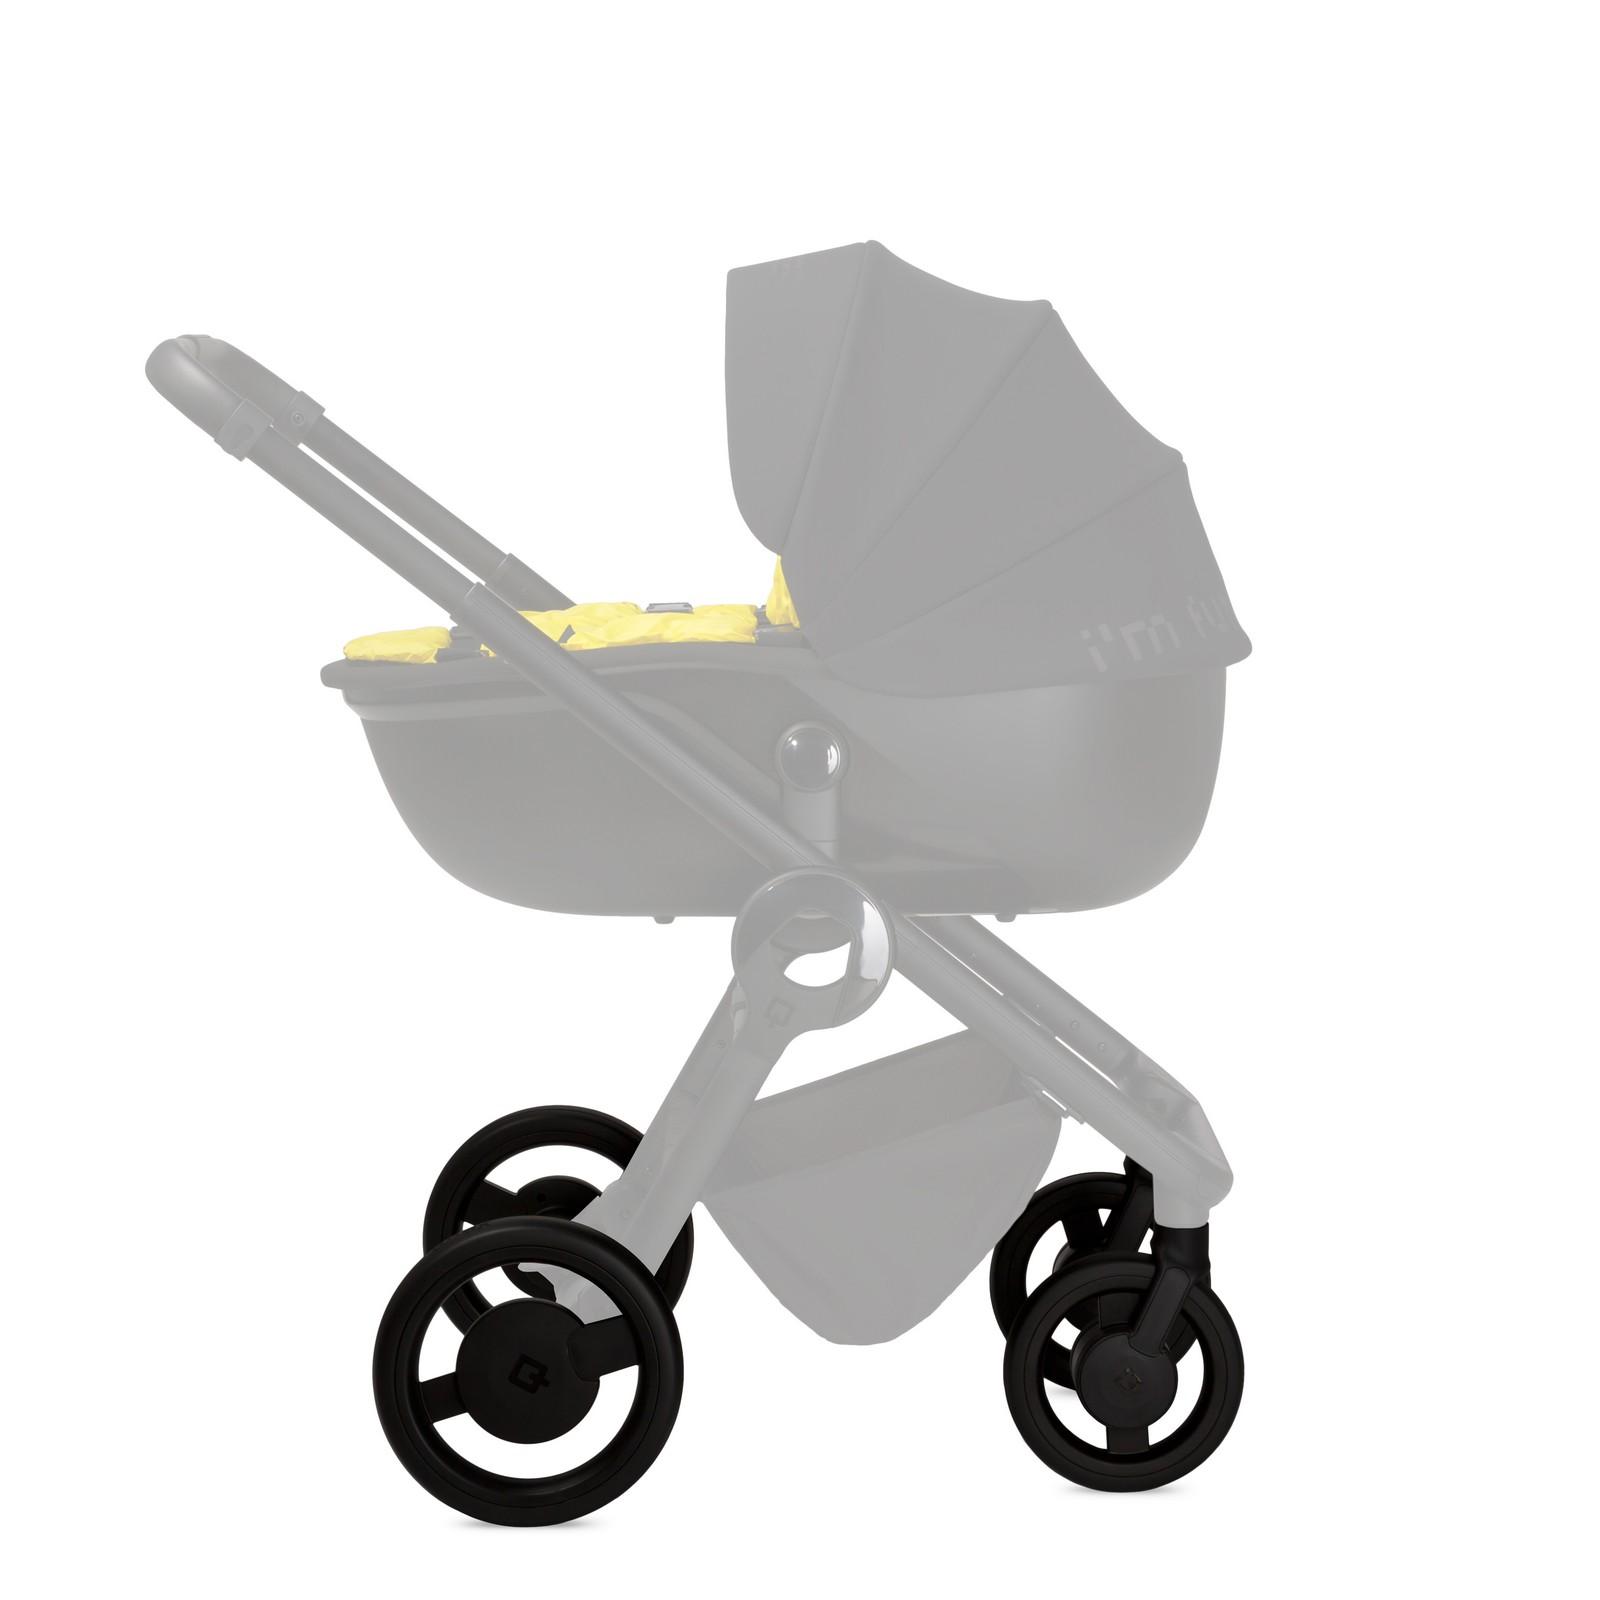 Roți Air Wheels - Quant